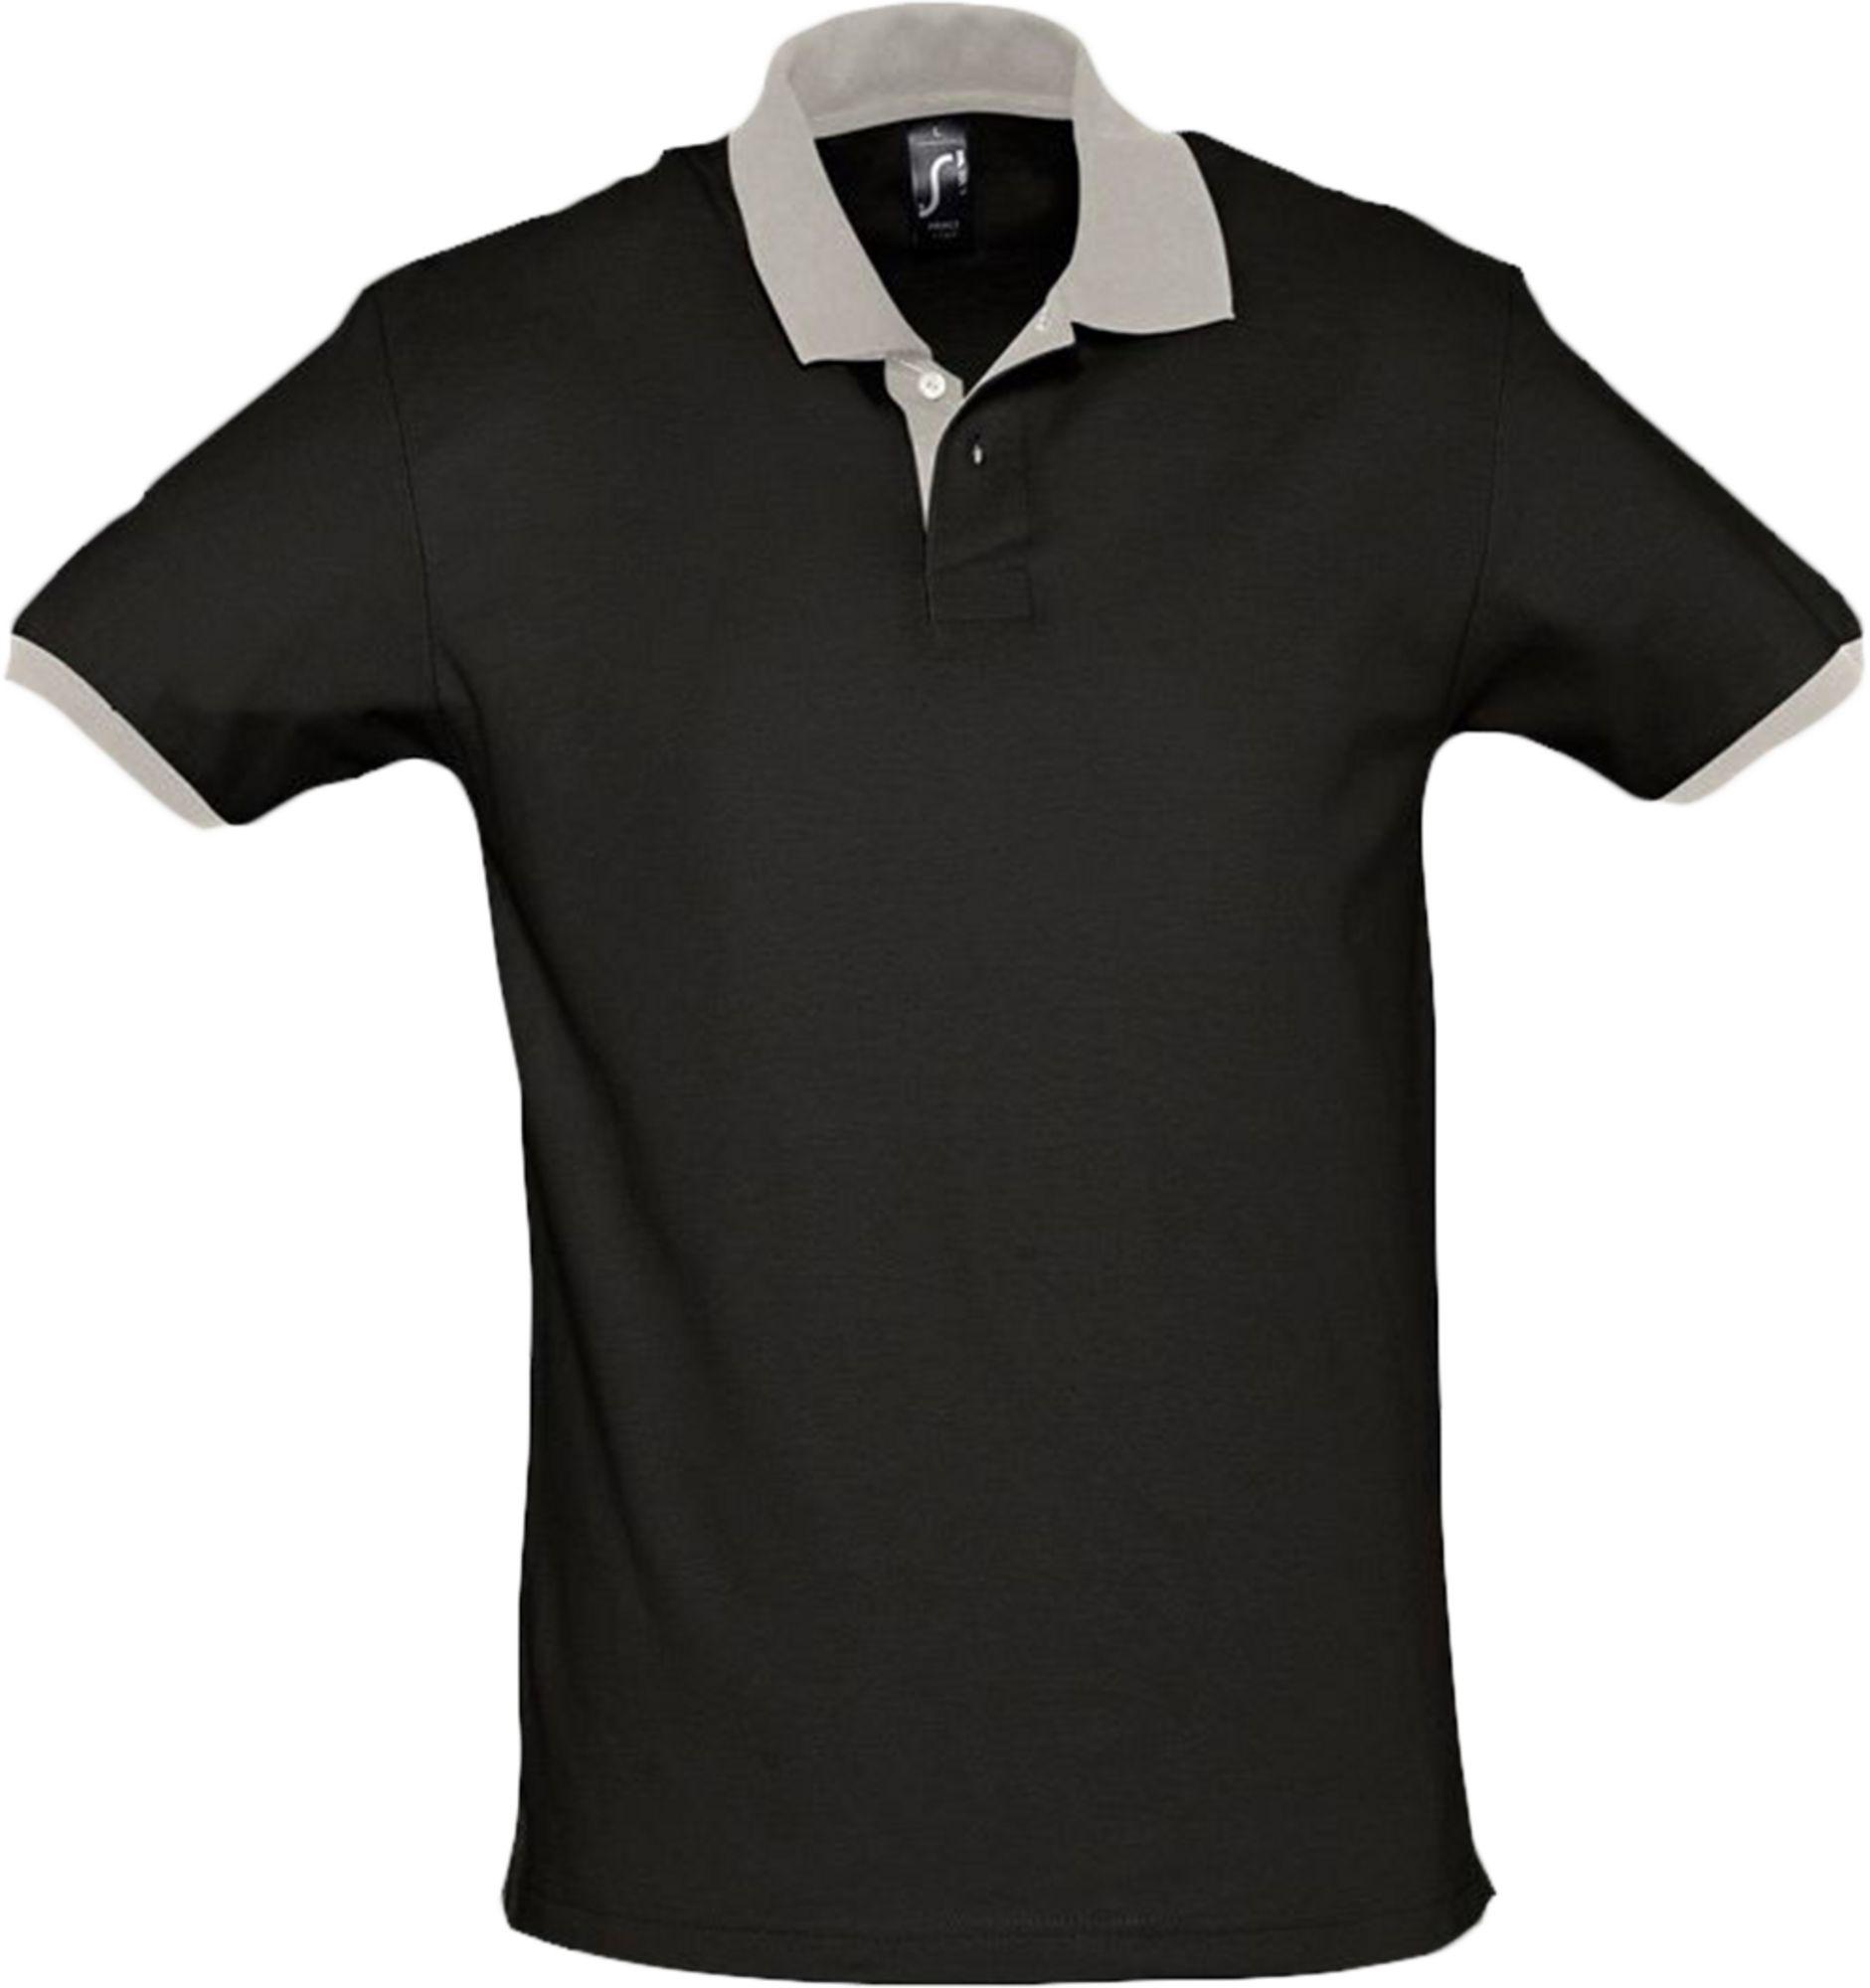 Рубашка поло Prince 190, черная с серым